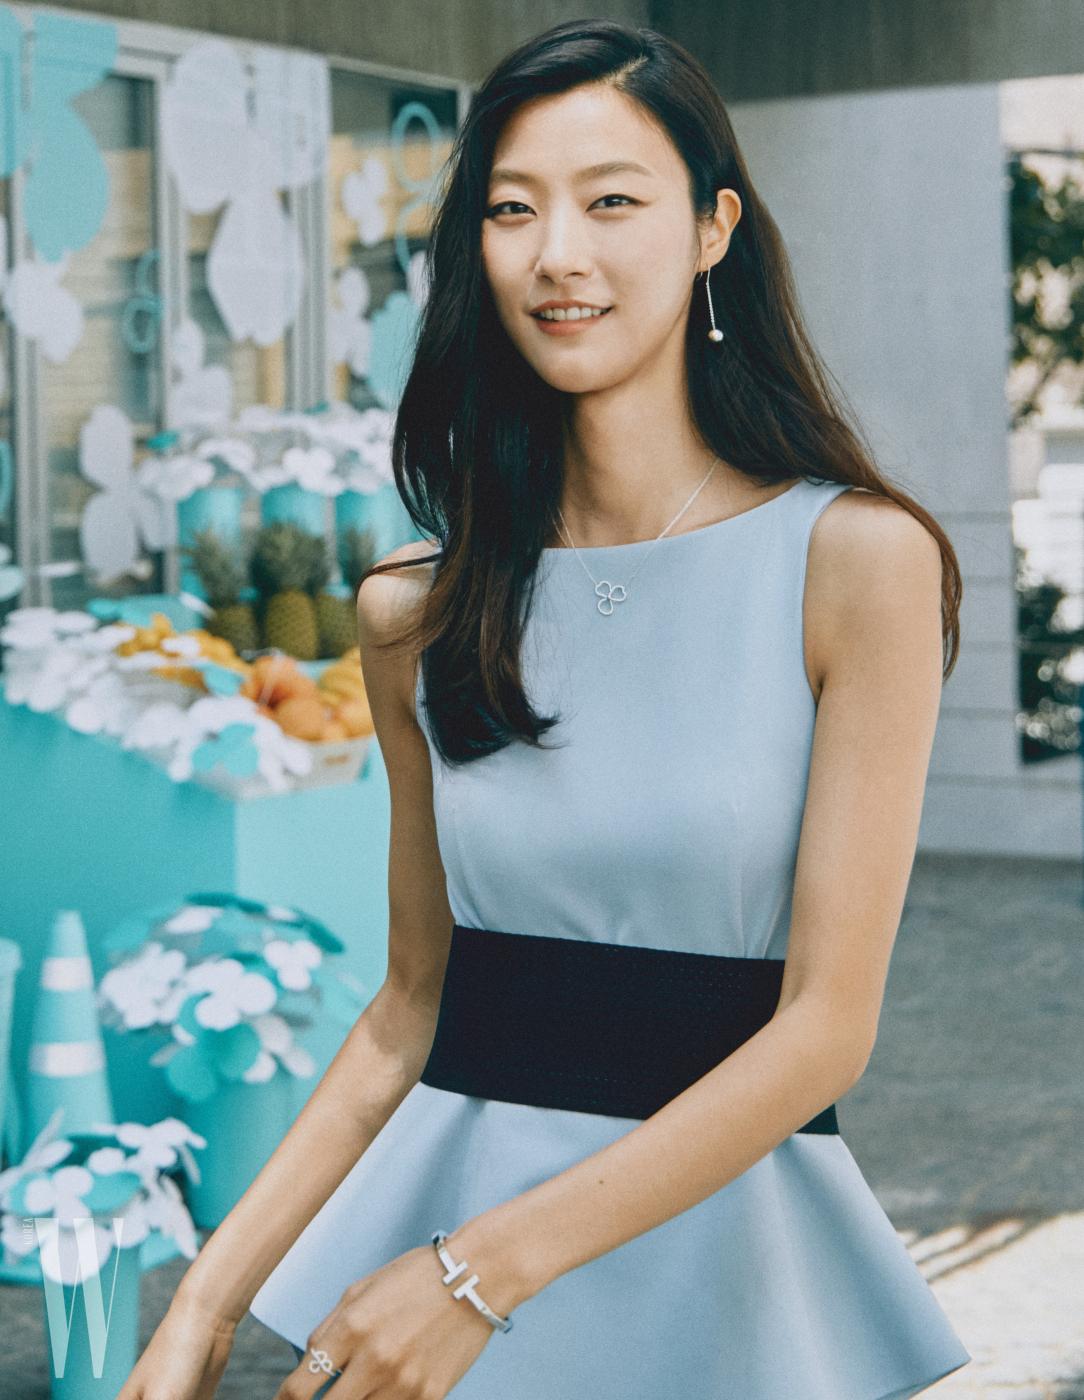 모델 박지혜가 우아한 모습으로 등장했다. 간결한 다이아몬드 오픈 플라워 목걸이와 반지로 포인트를 줬다.